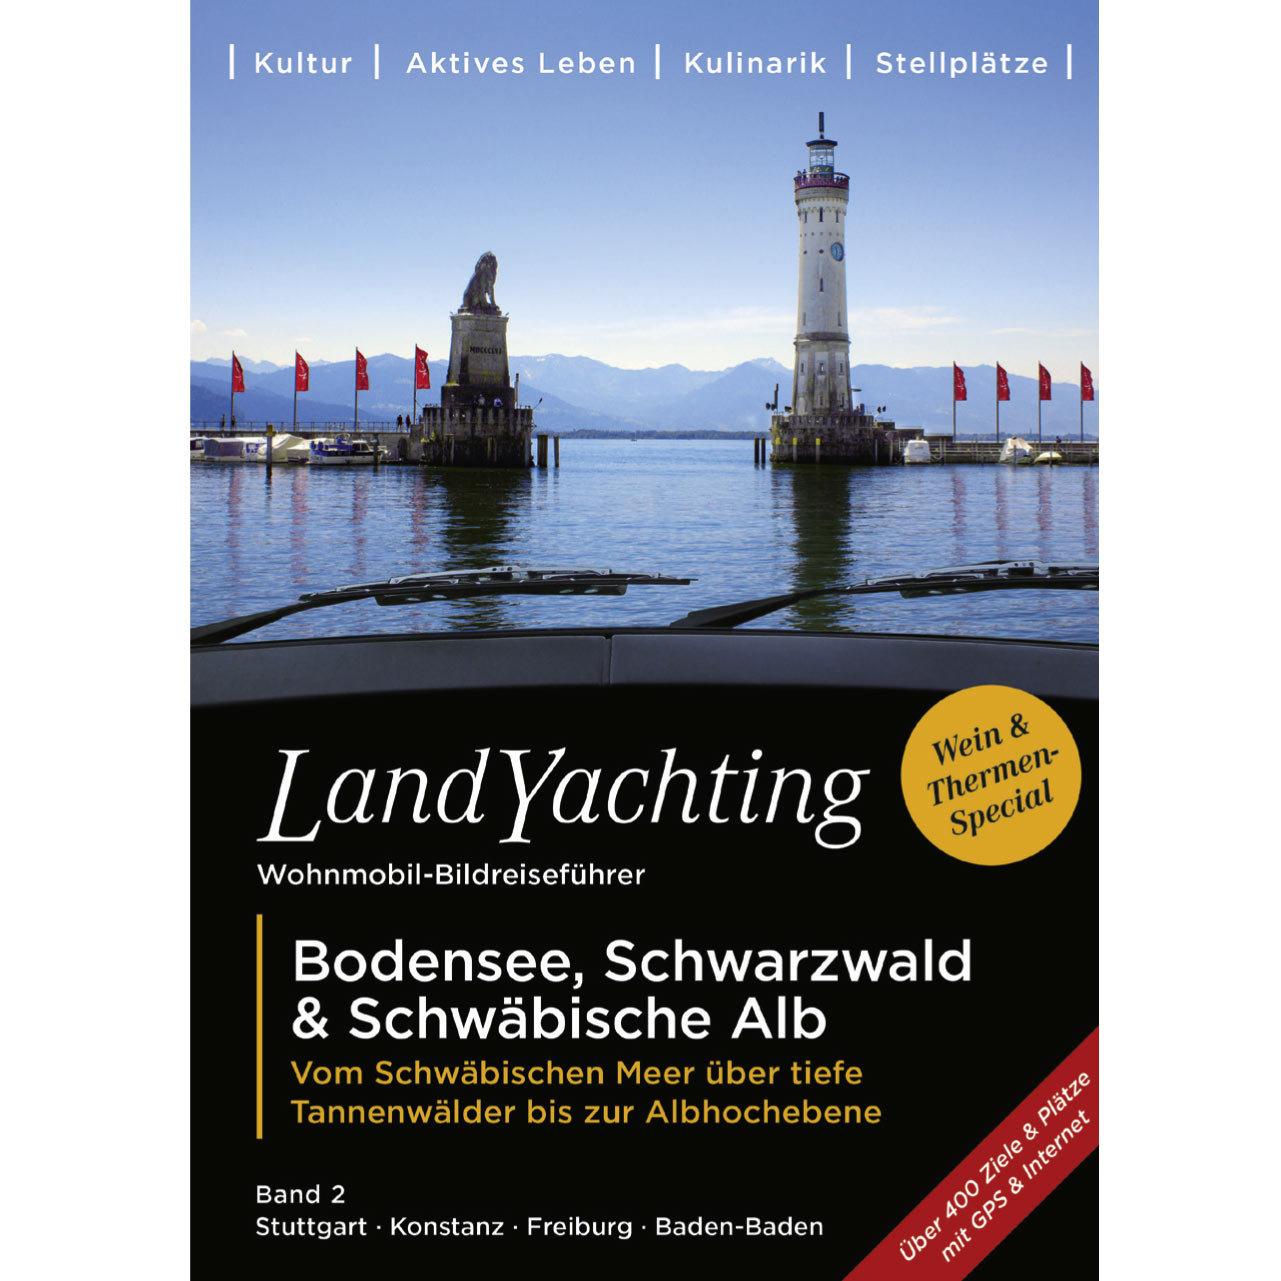 Buch Landyachting Bodensee, Schwarzwald & Schwä...